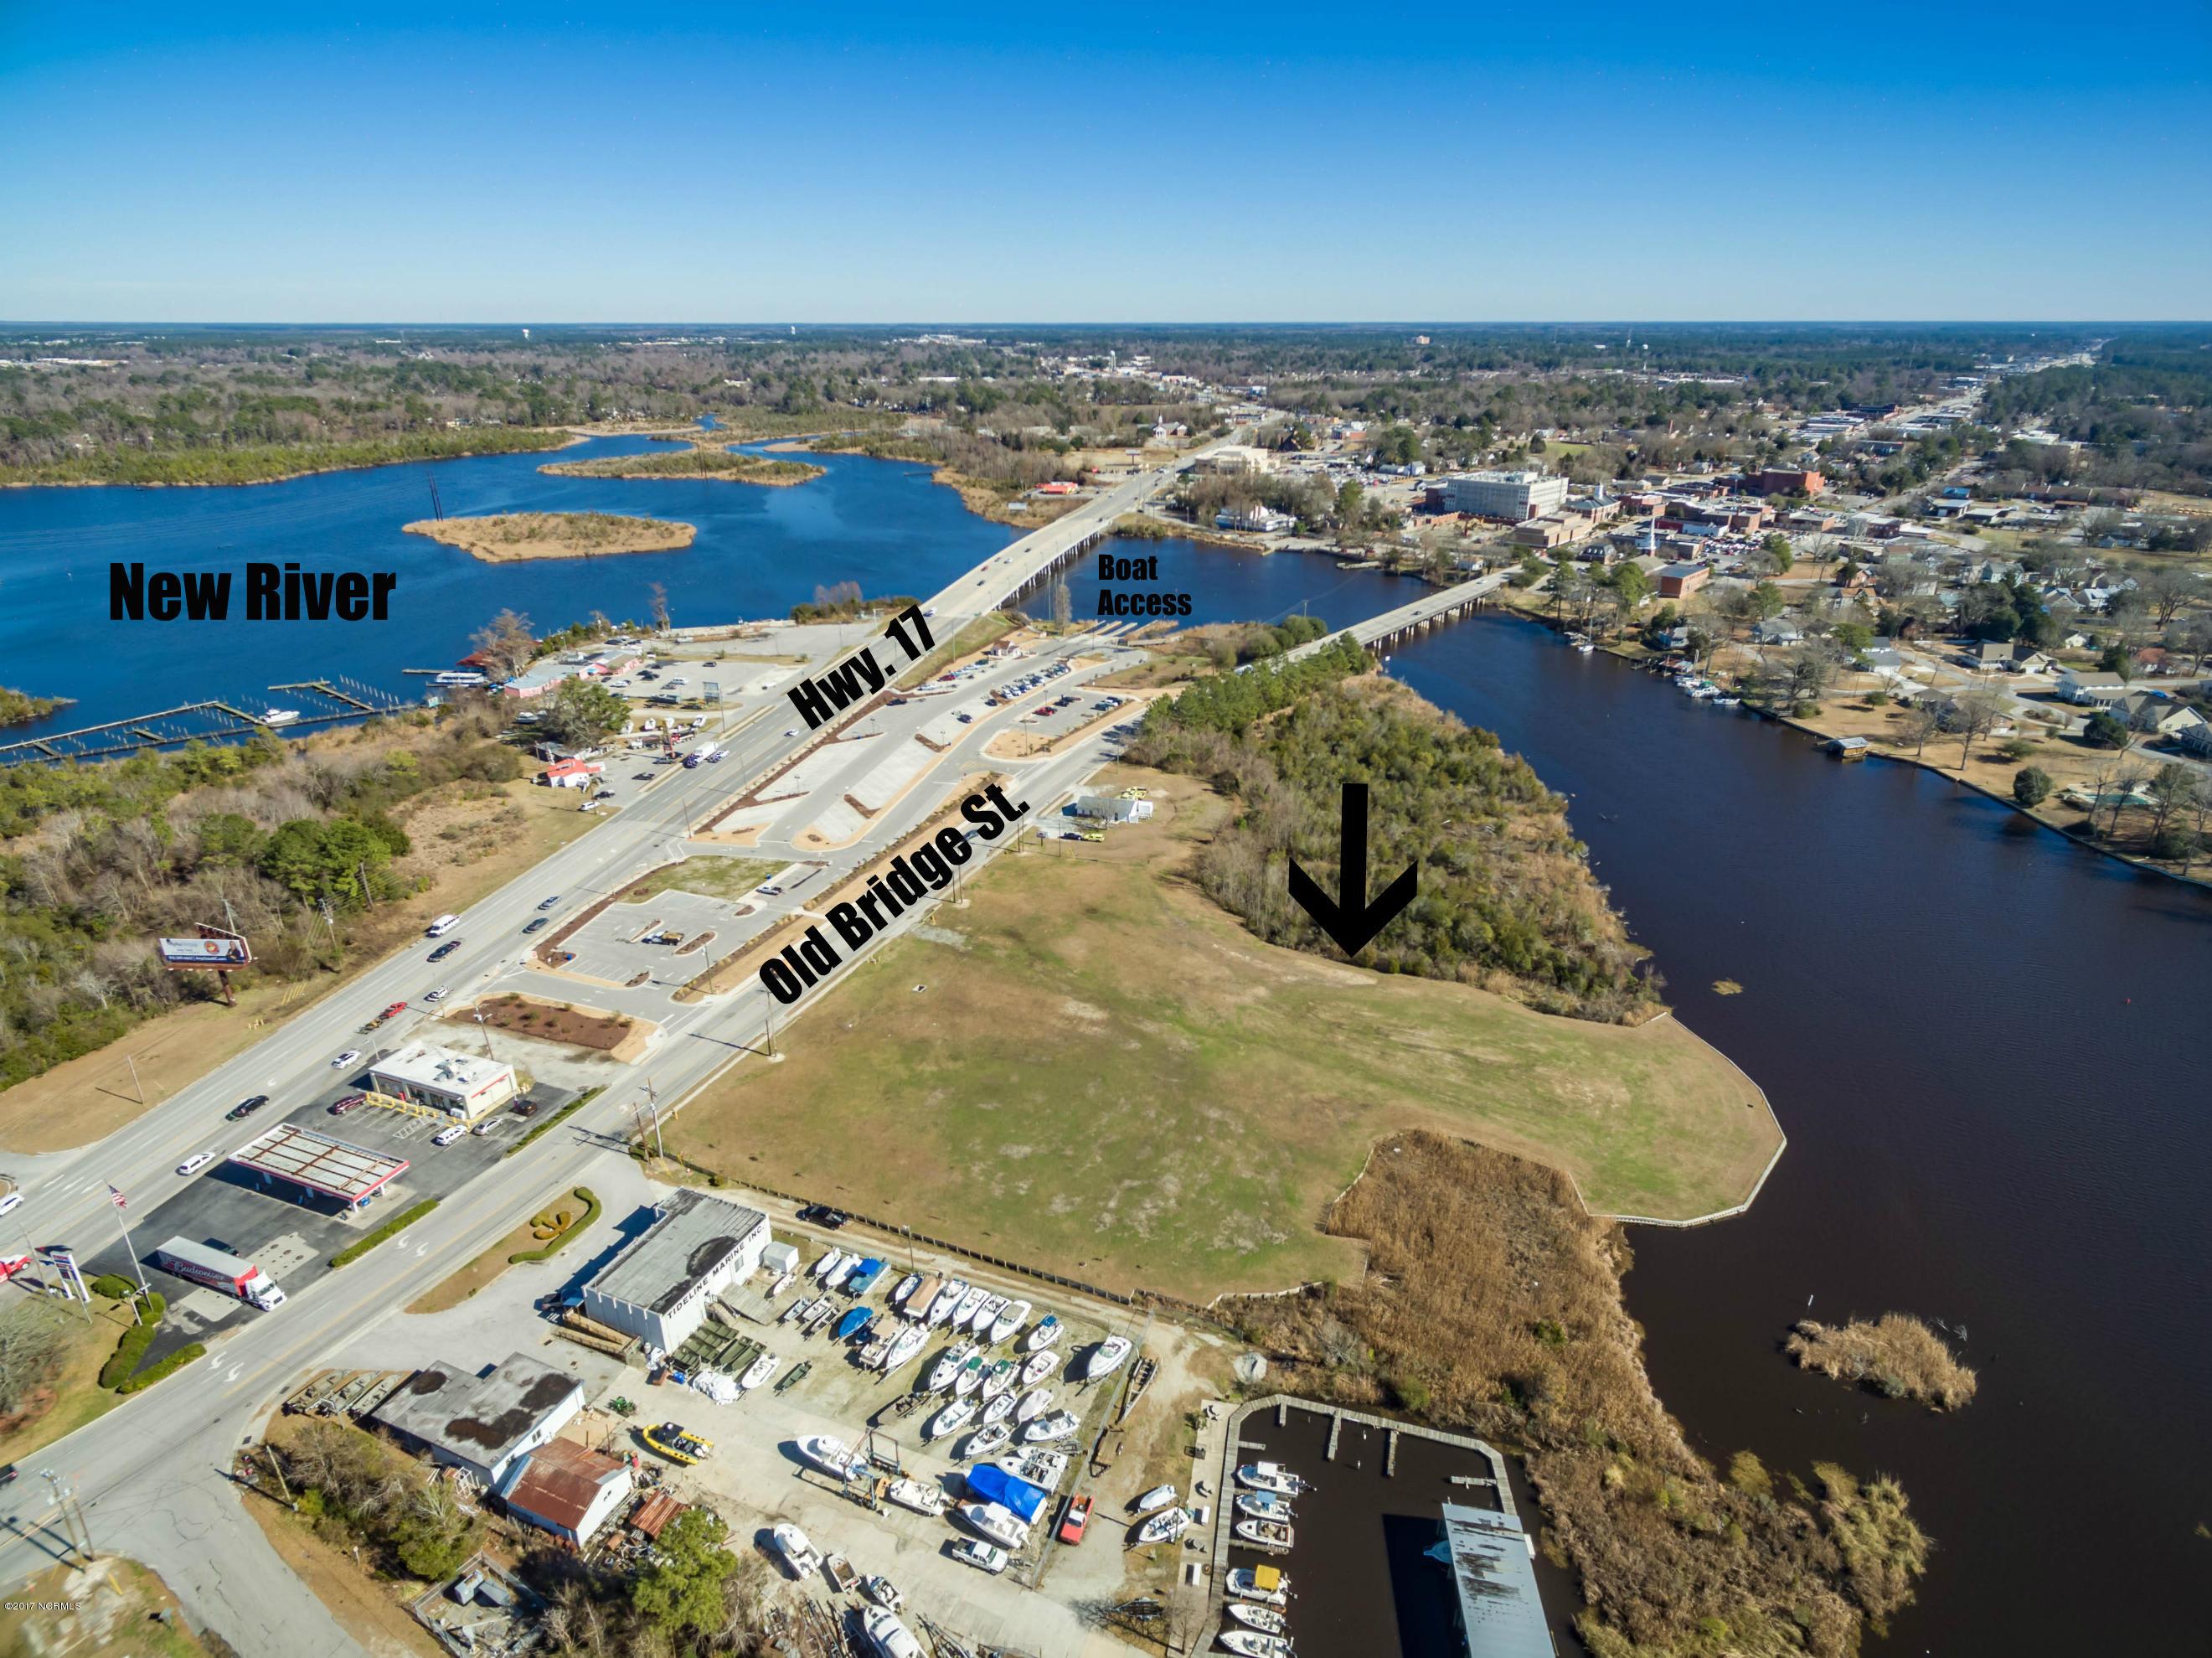 000 Old Bridge Street Jacksonville Nc 28540 Mls